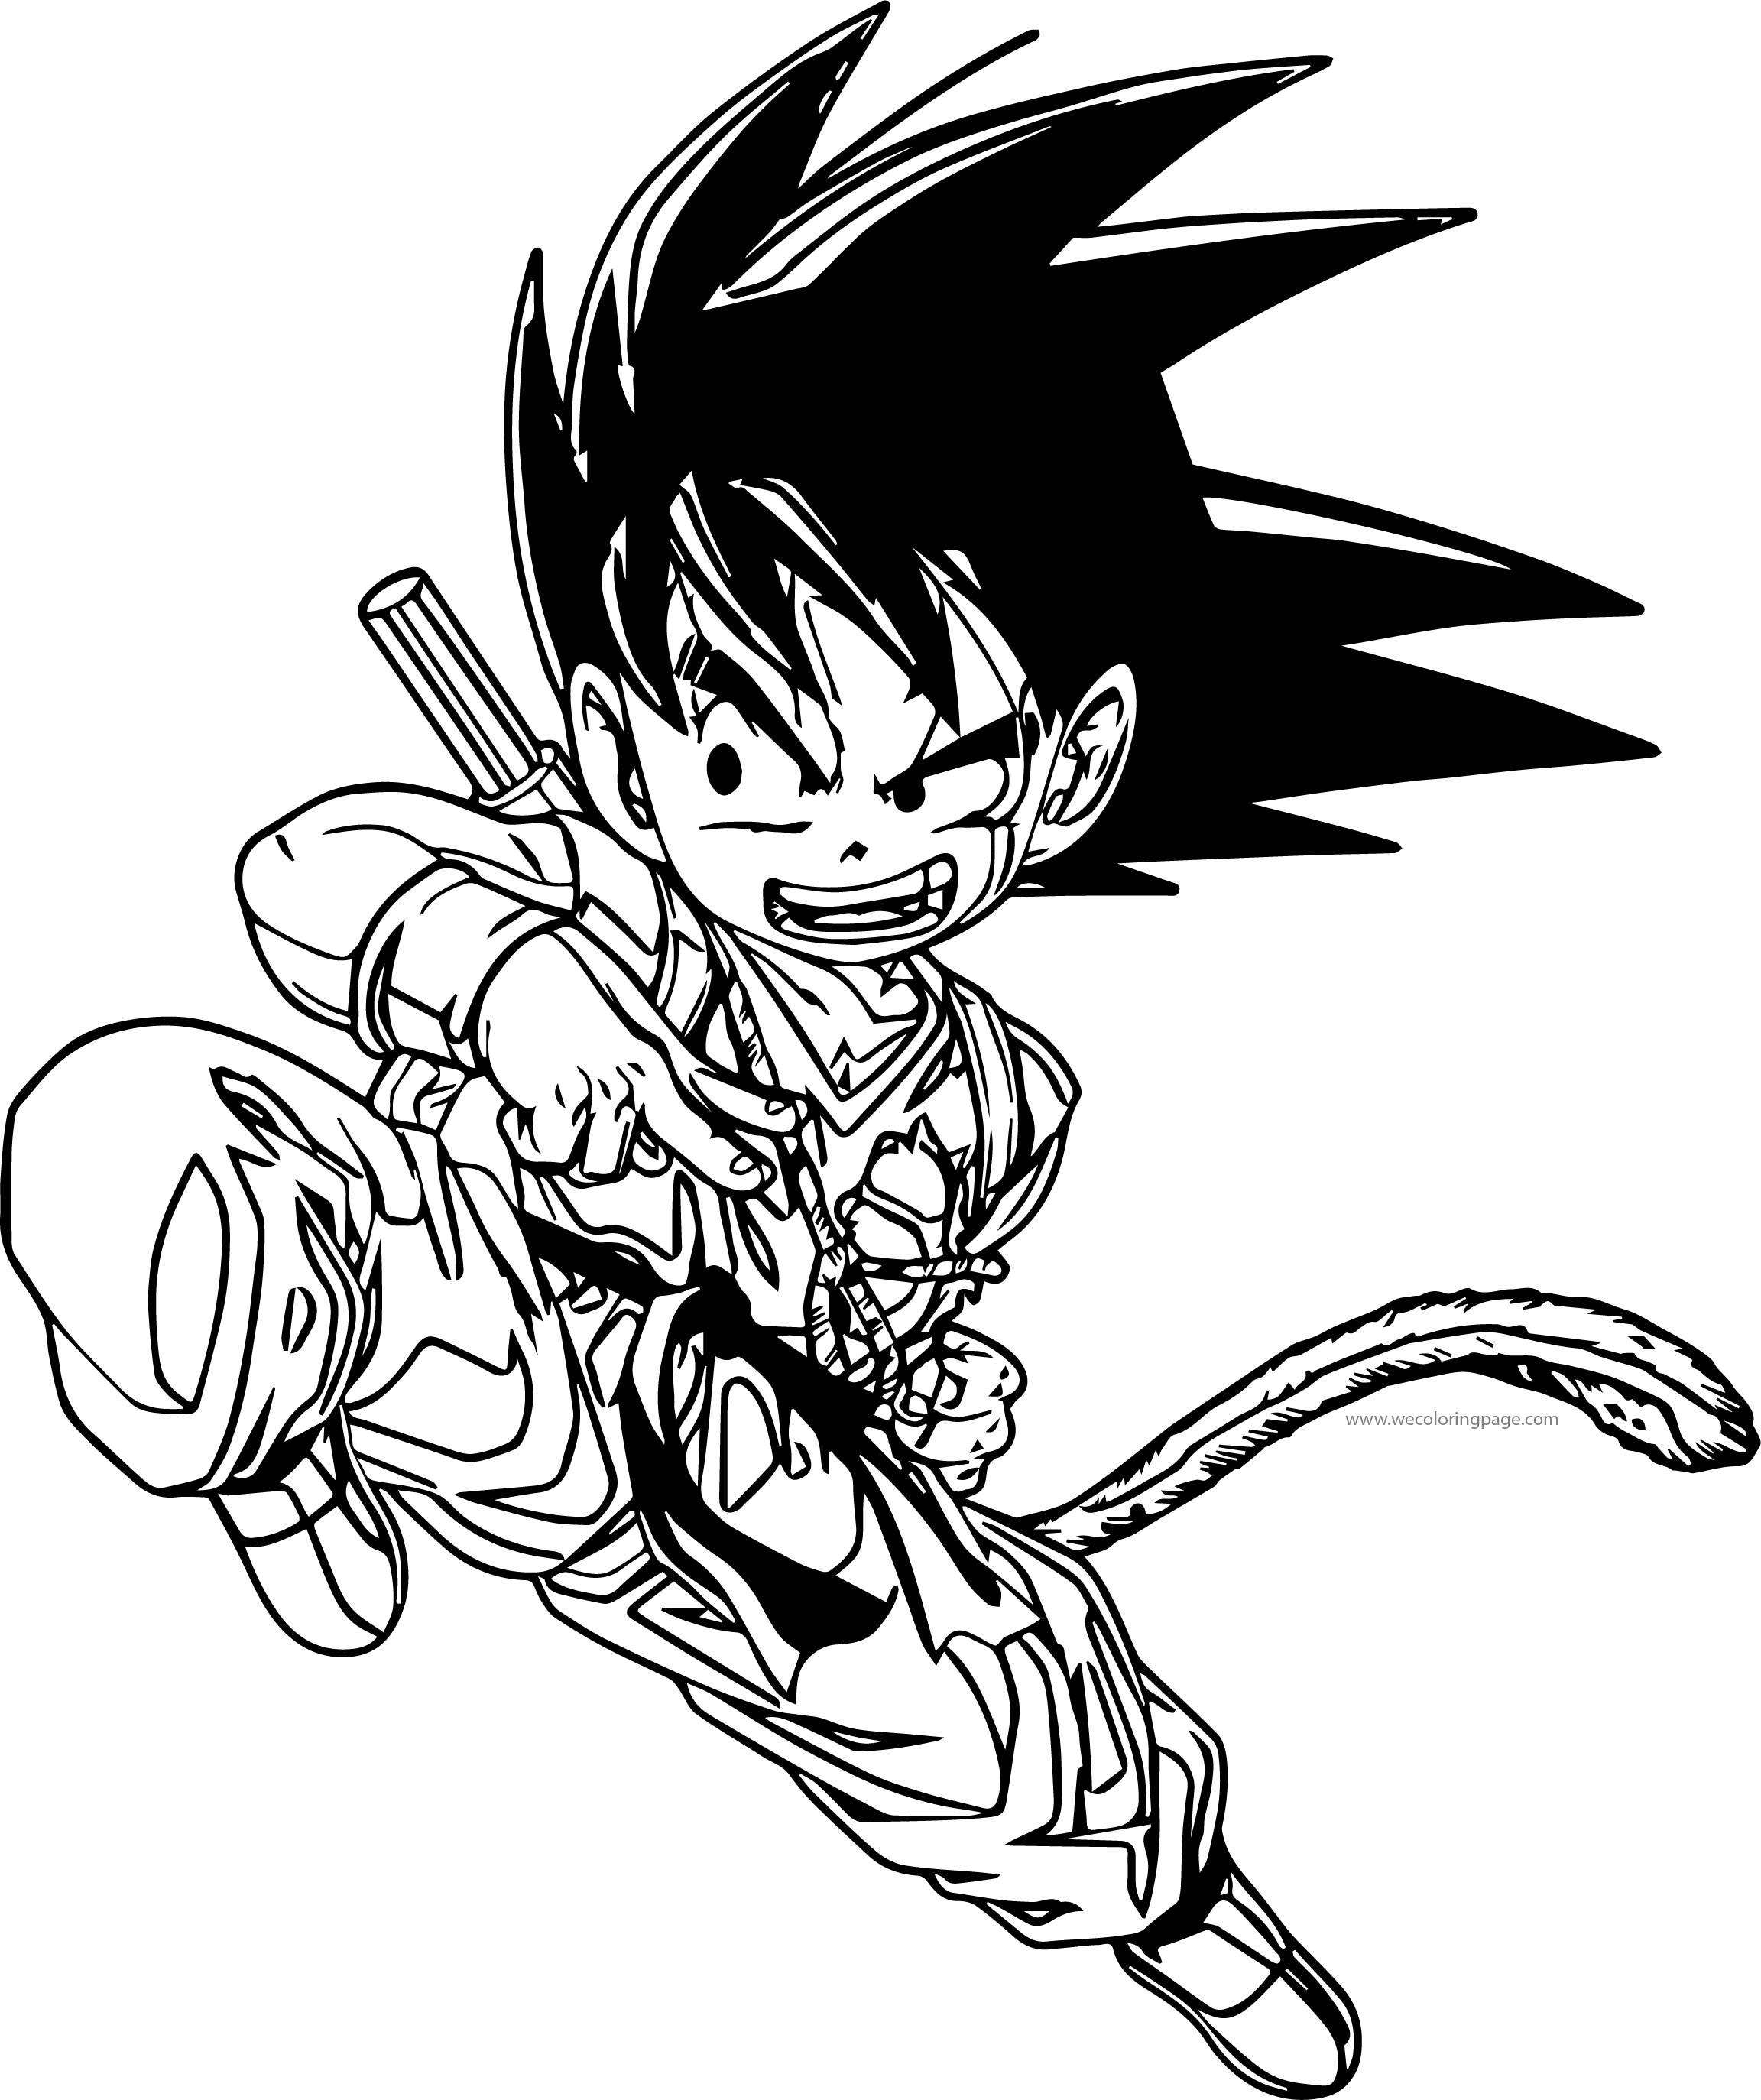 Goku Small Kick Coloring Page